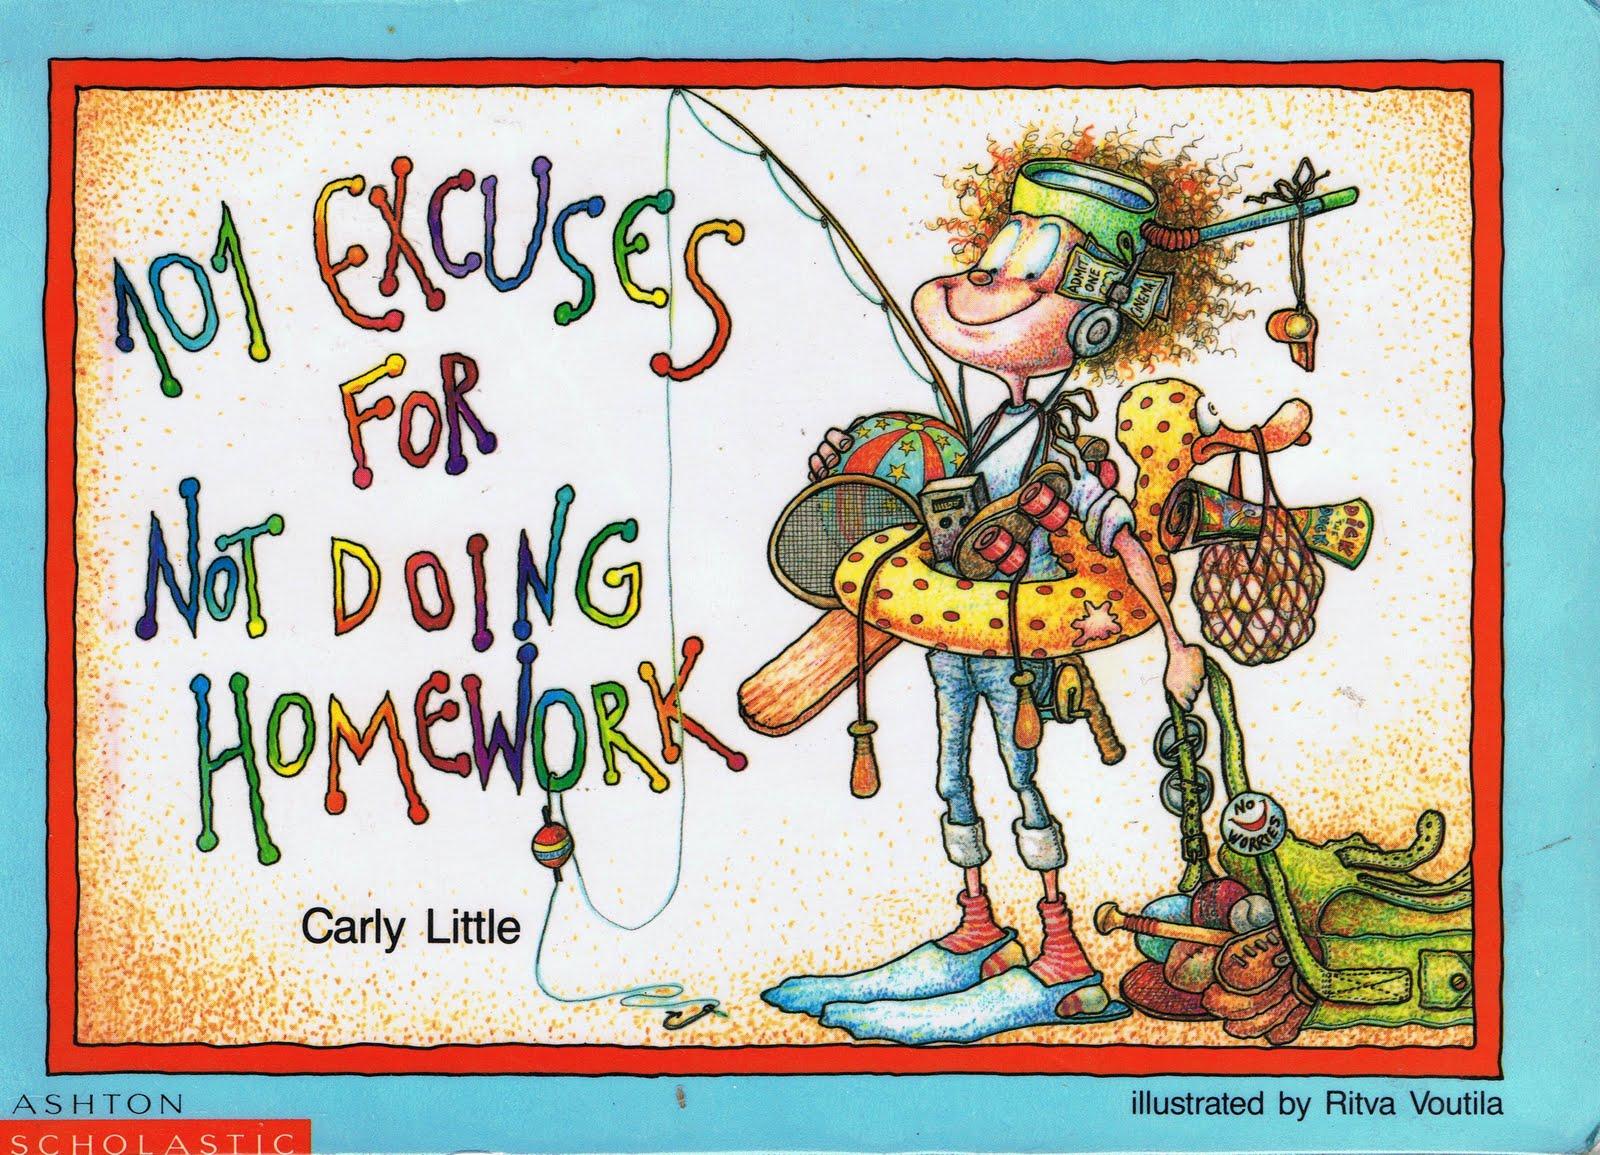 Homework or not